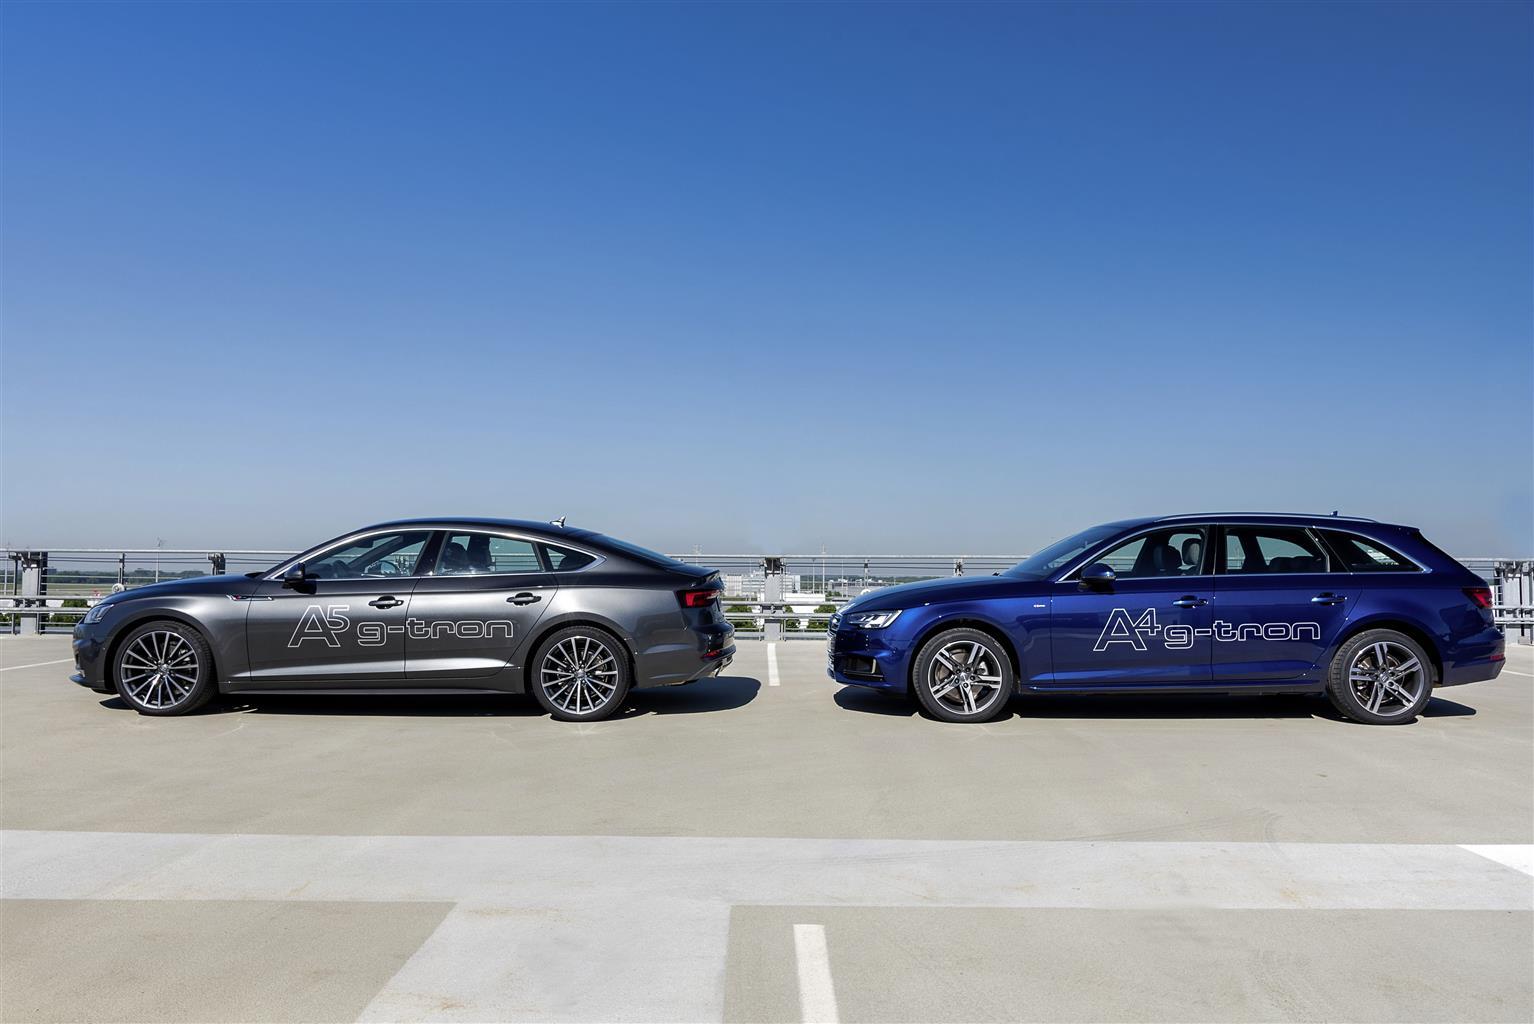 Audi g-tron